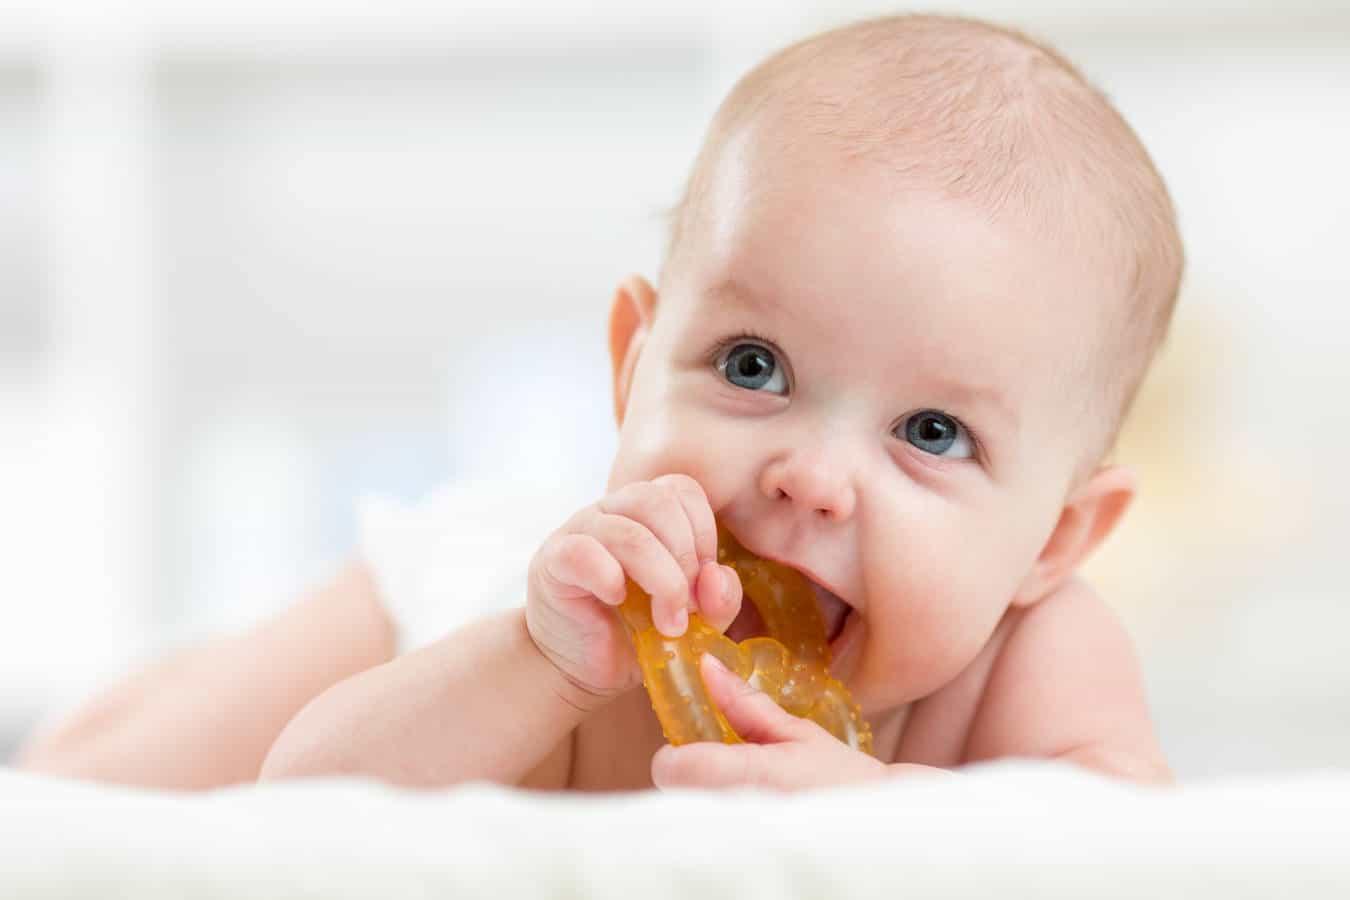 Ząbkowanie u niemowląt - jak pomóc maluszkowi?